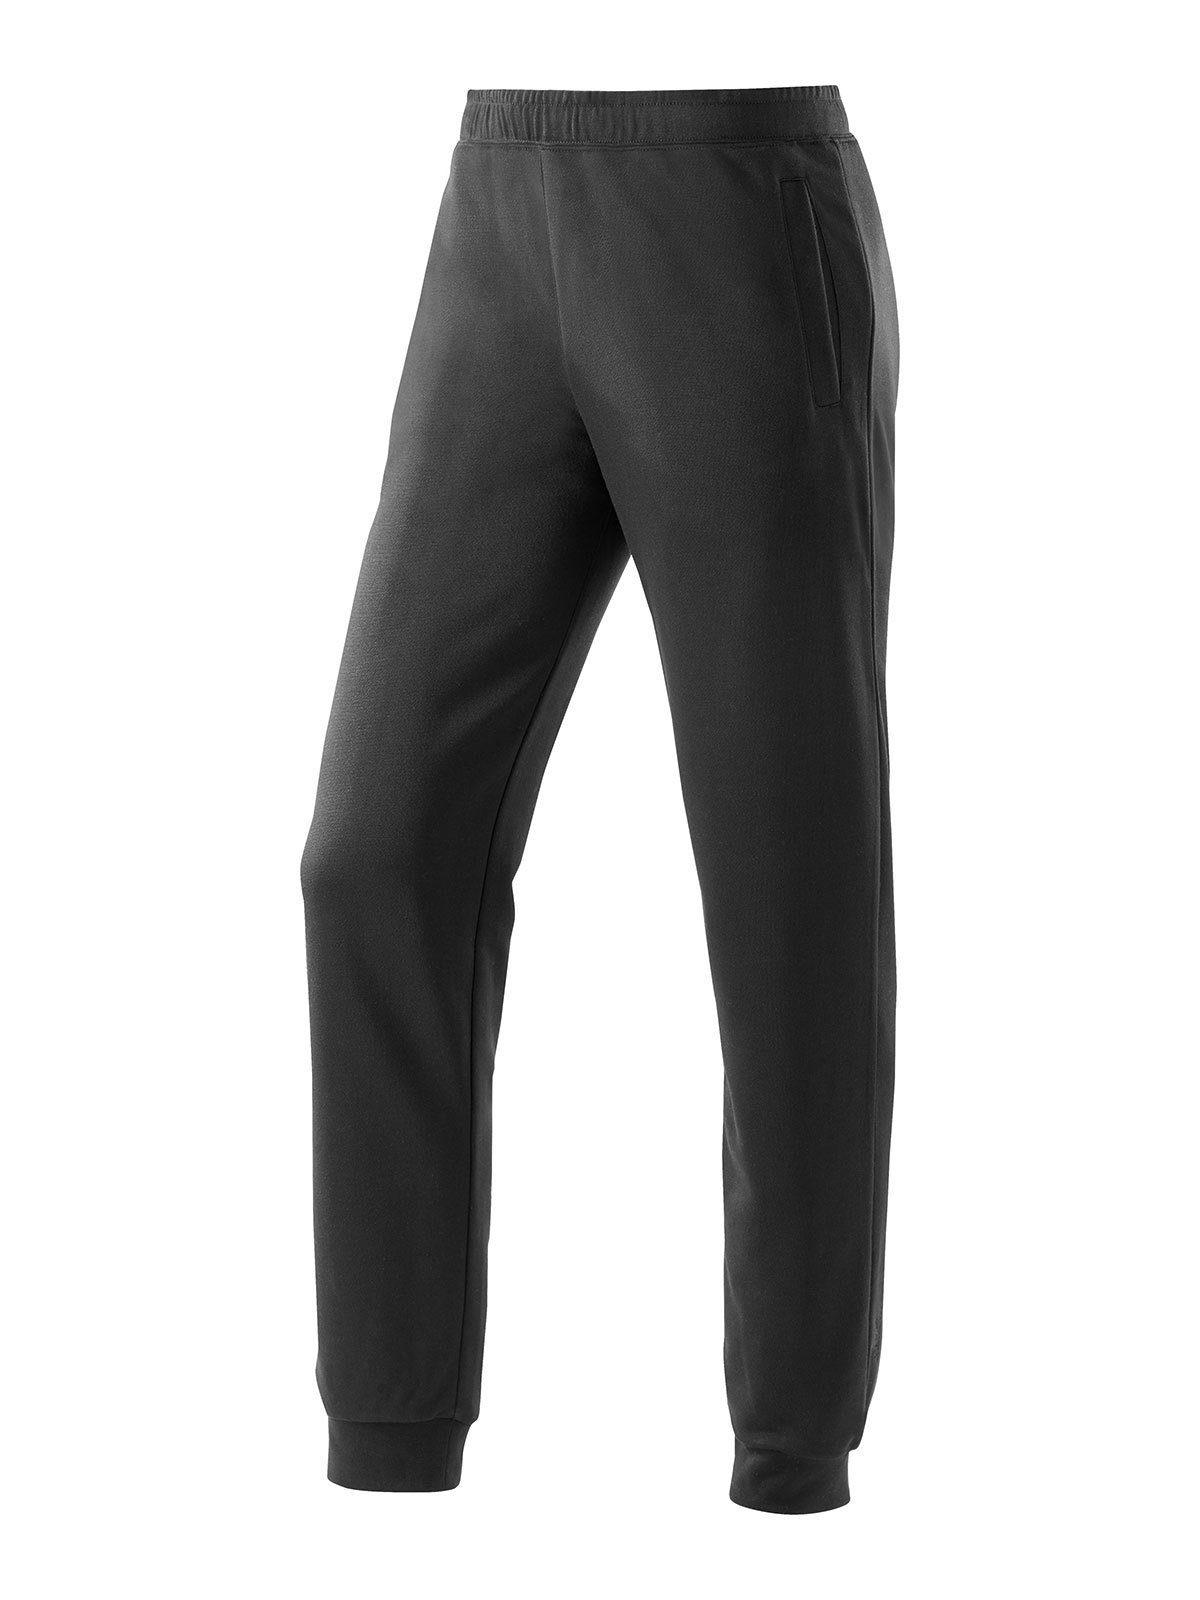 Joy Sportswear Sweathose MANOLO | Sportbekleidung > Sporthosen | Schwarz | Joy Sportswear